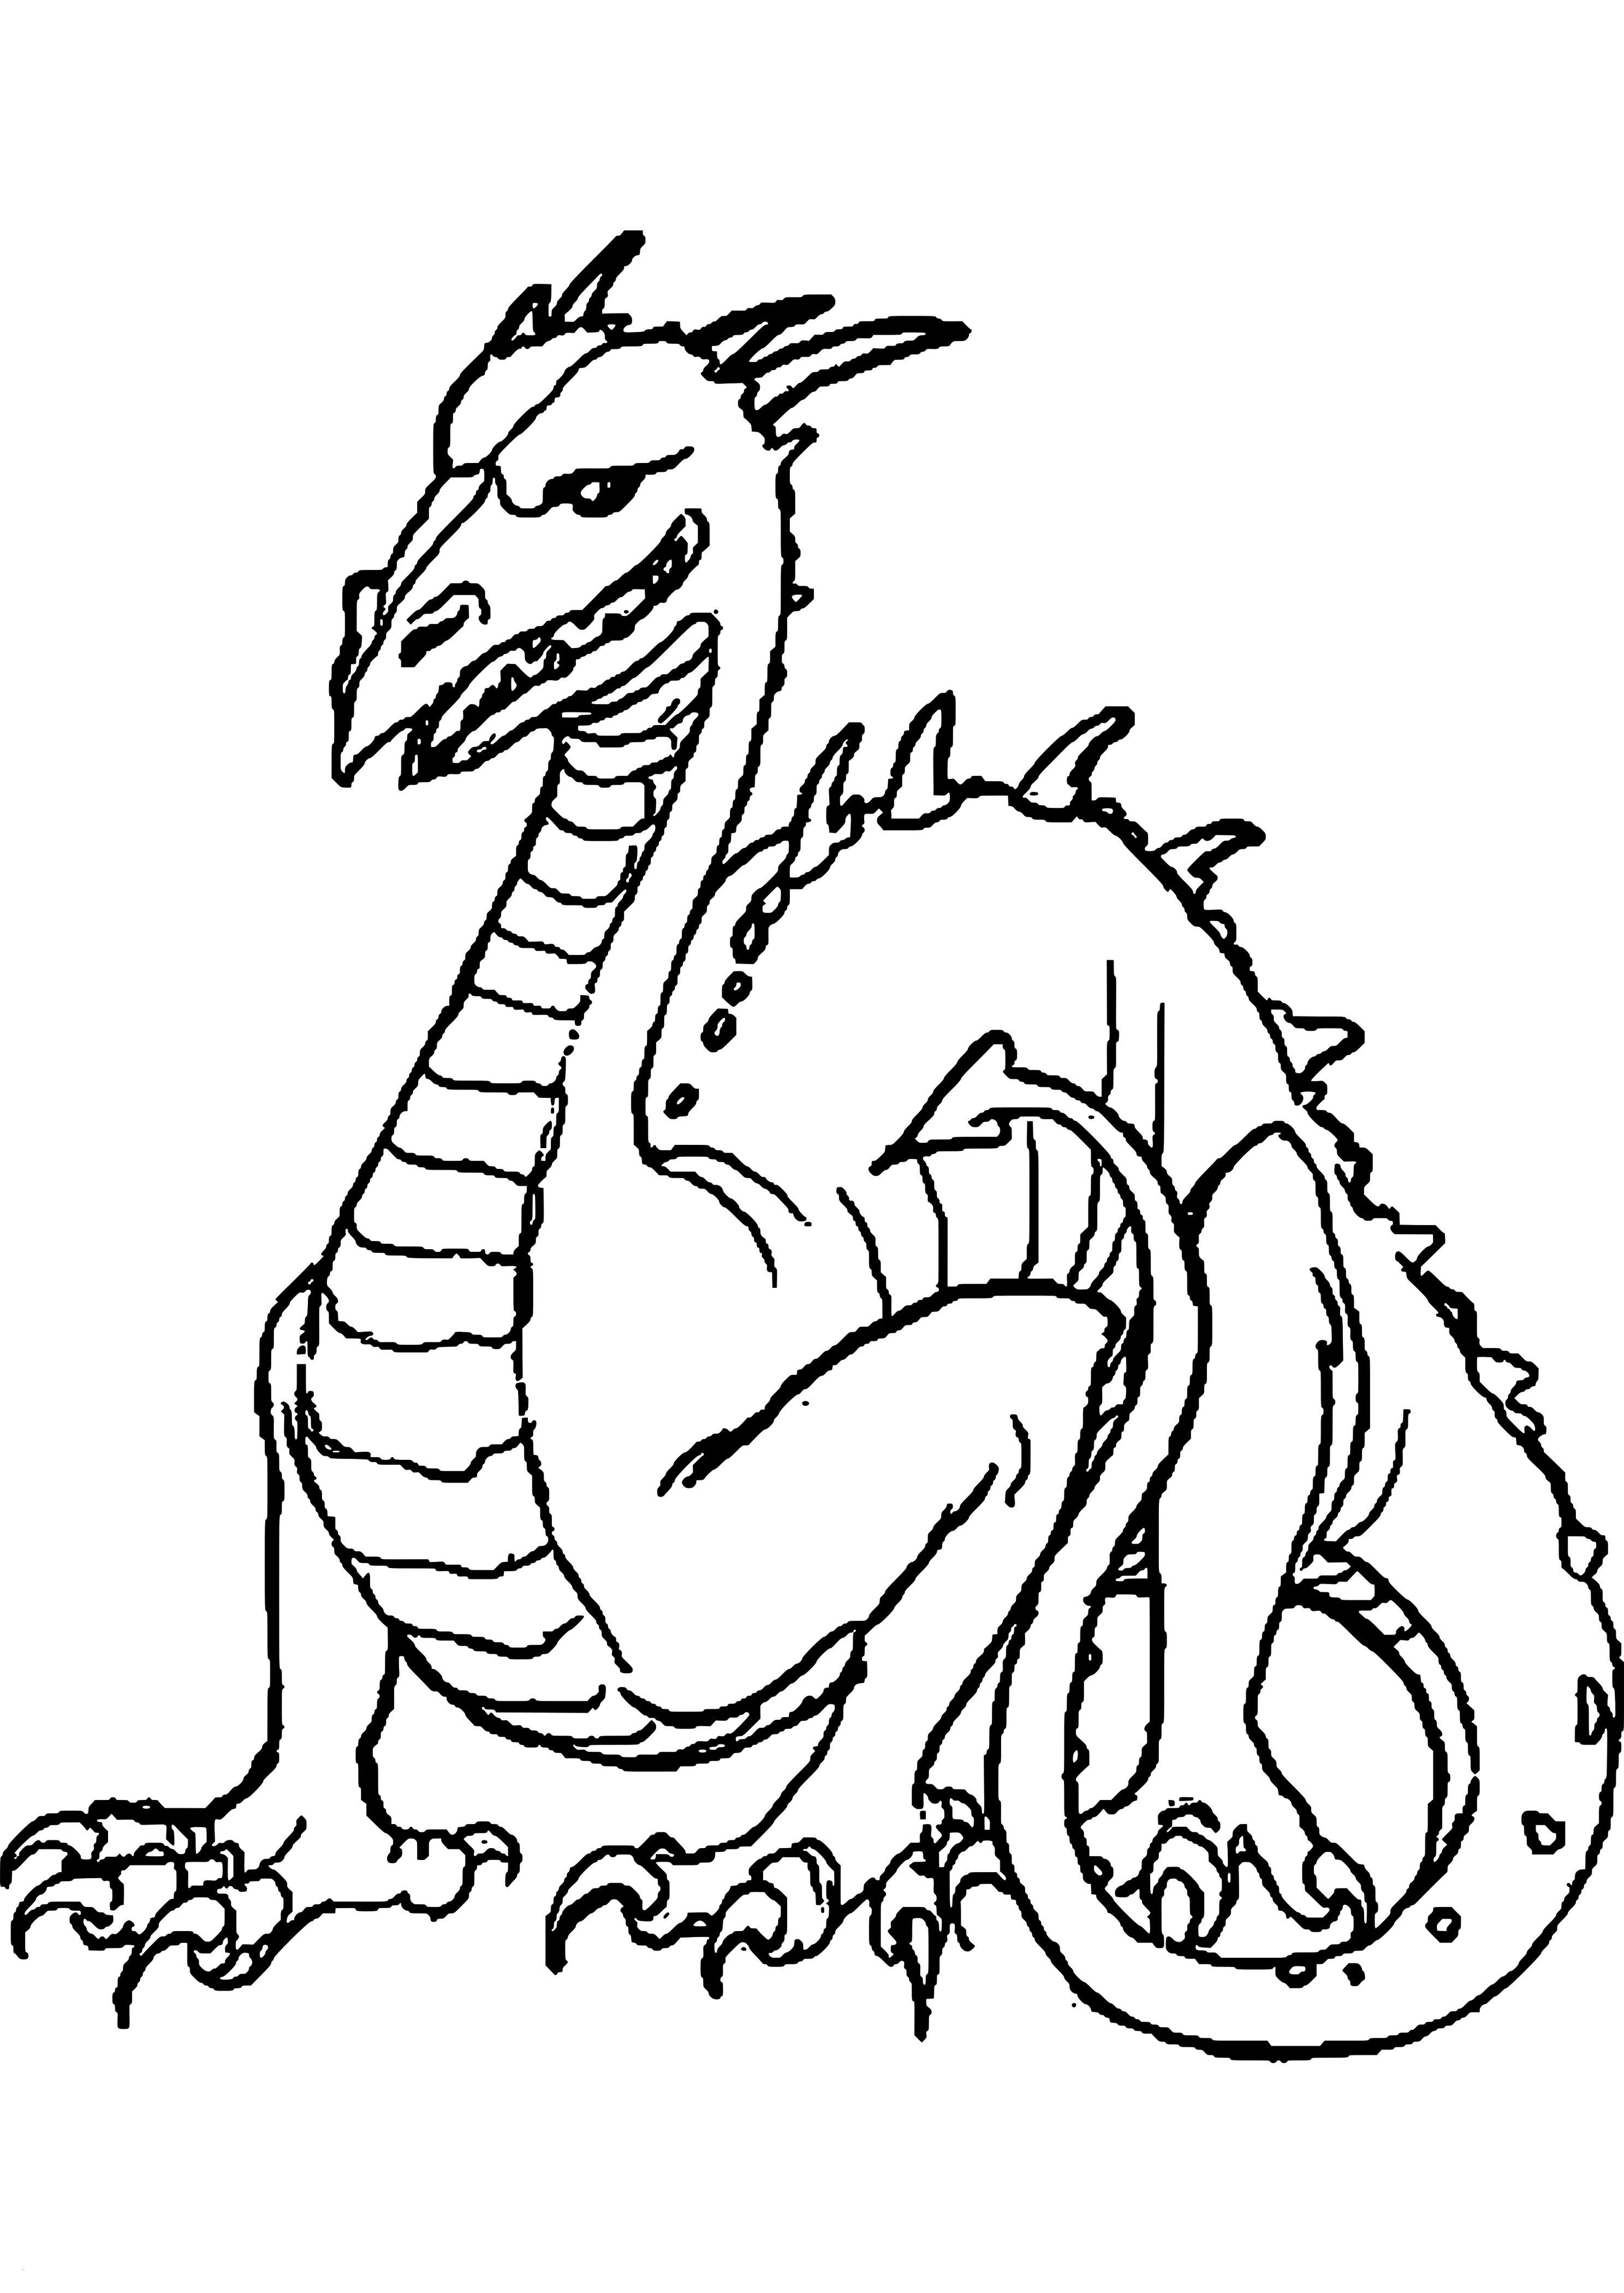 Drachen Bilder Zum Ausdrucken Kostenlos Neu 32 Ausmalbilder Von Drachen forstergallery Bild